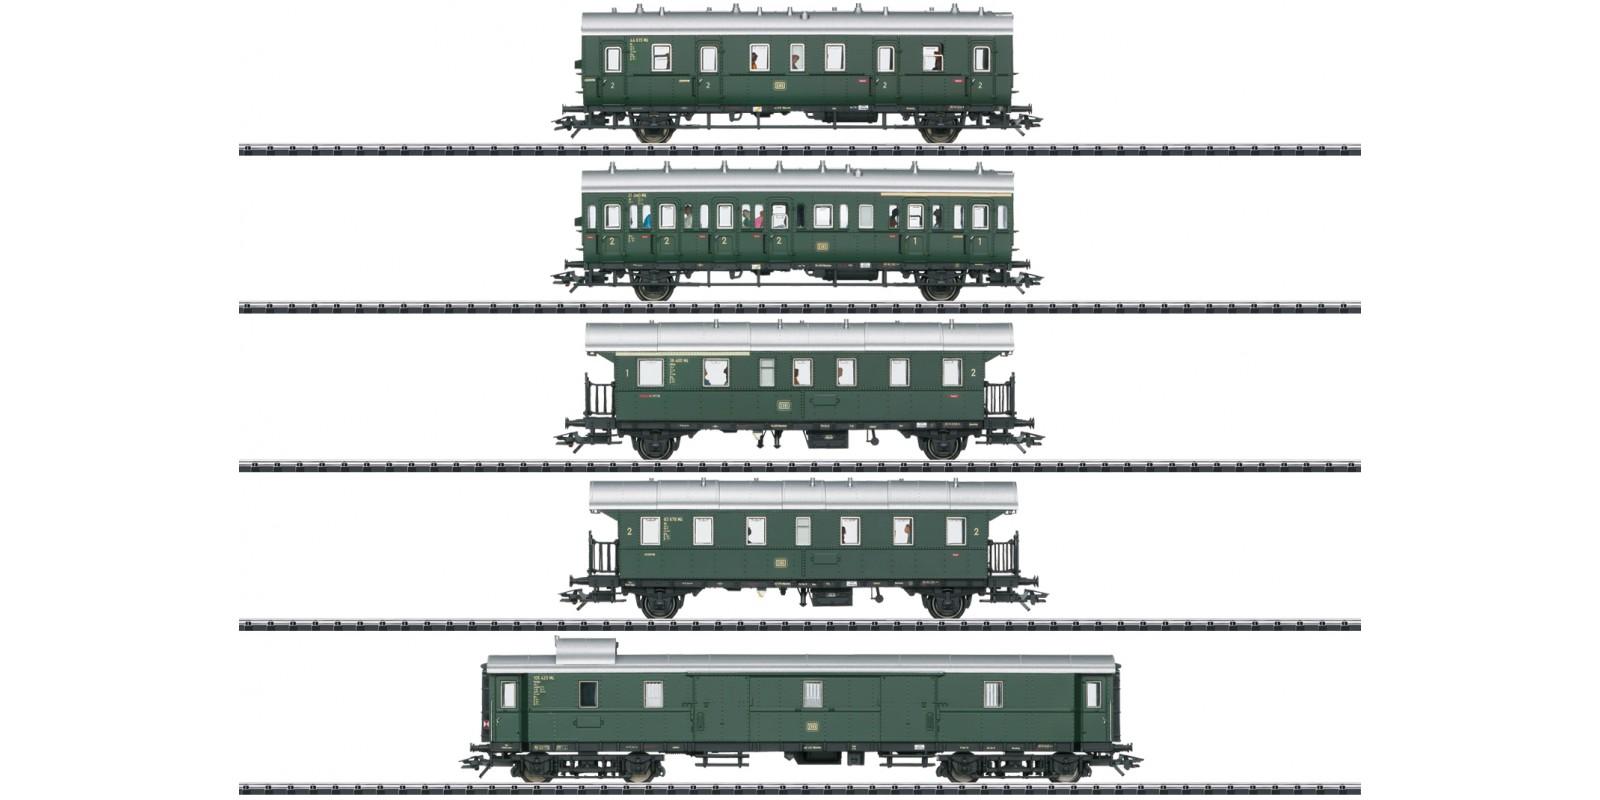 T23458 Passenger Car Set for the Cla